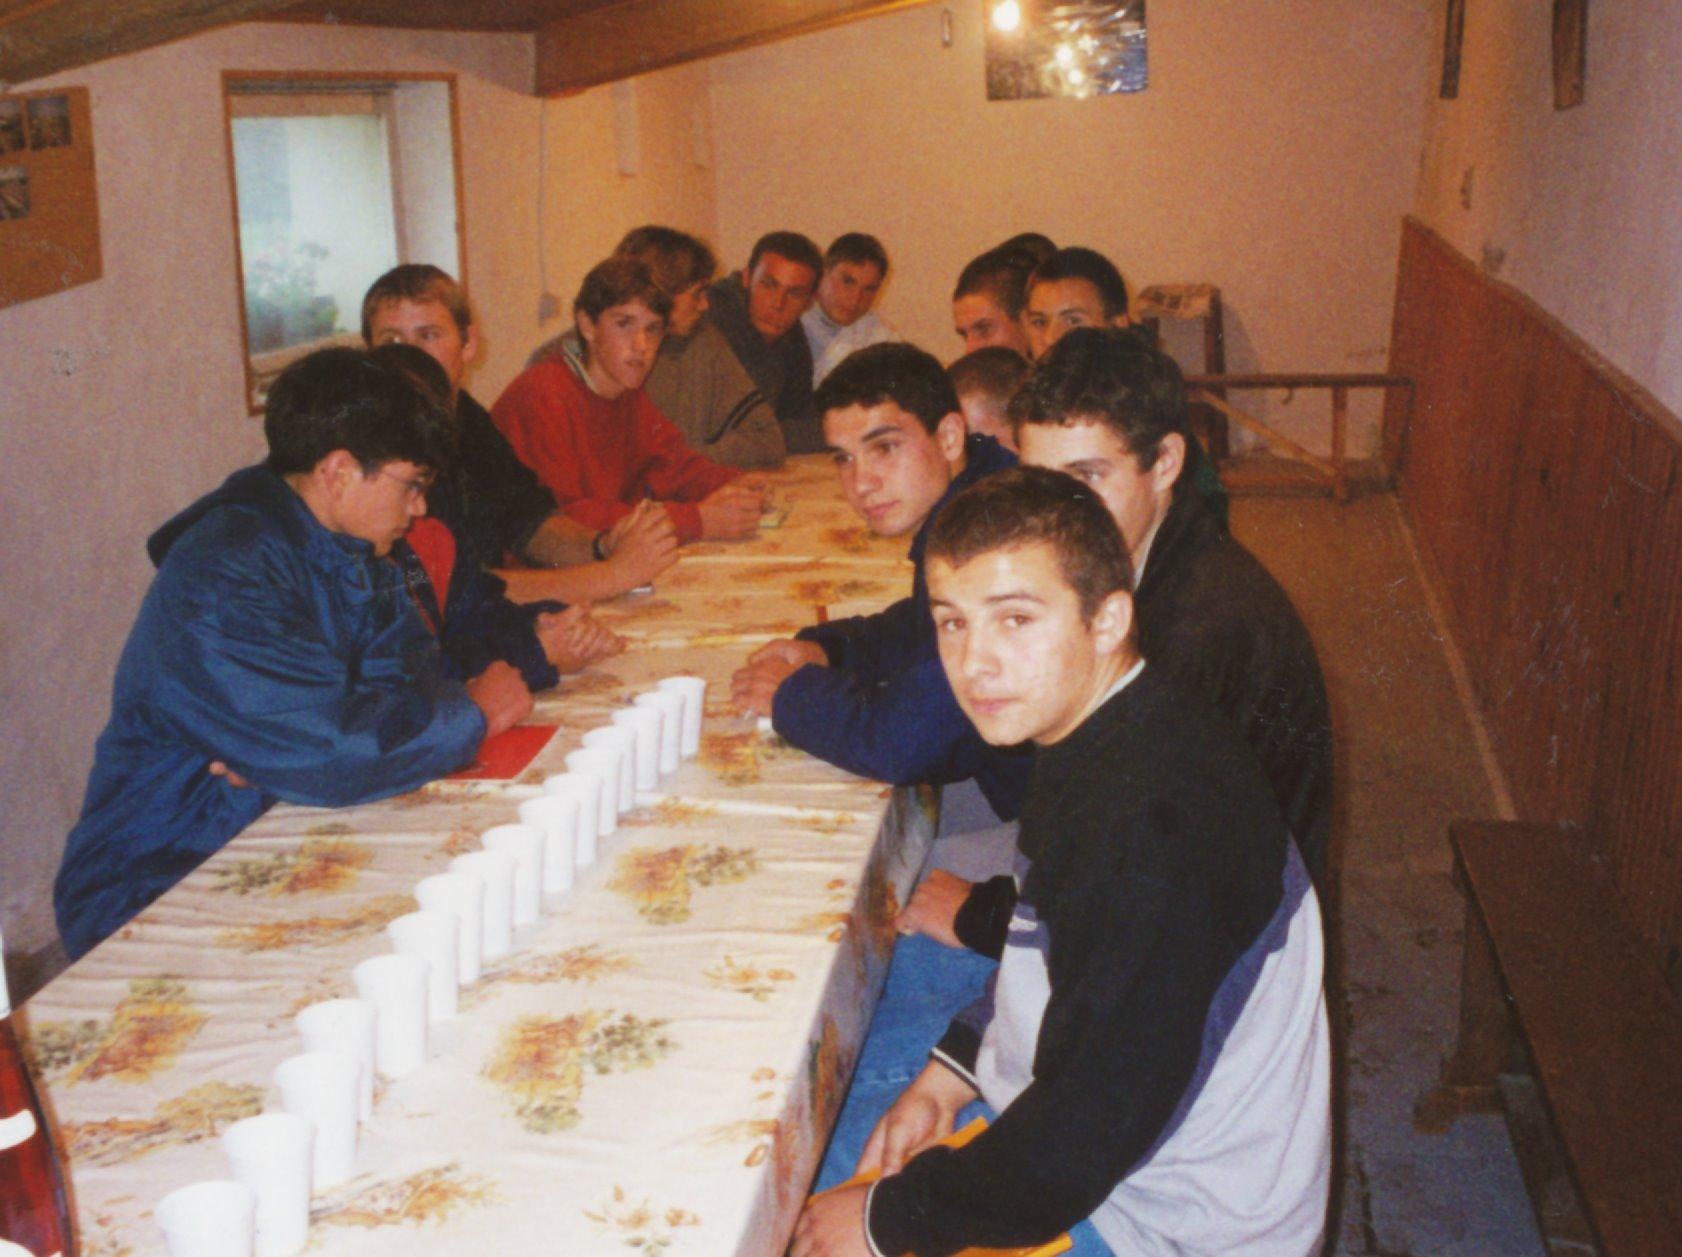 Archives anciens élèves mfr puy-sec 1998 (2)